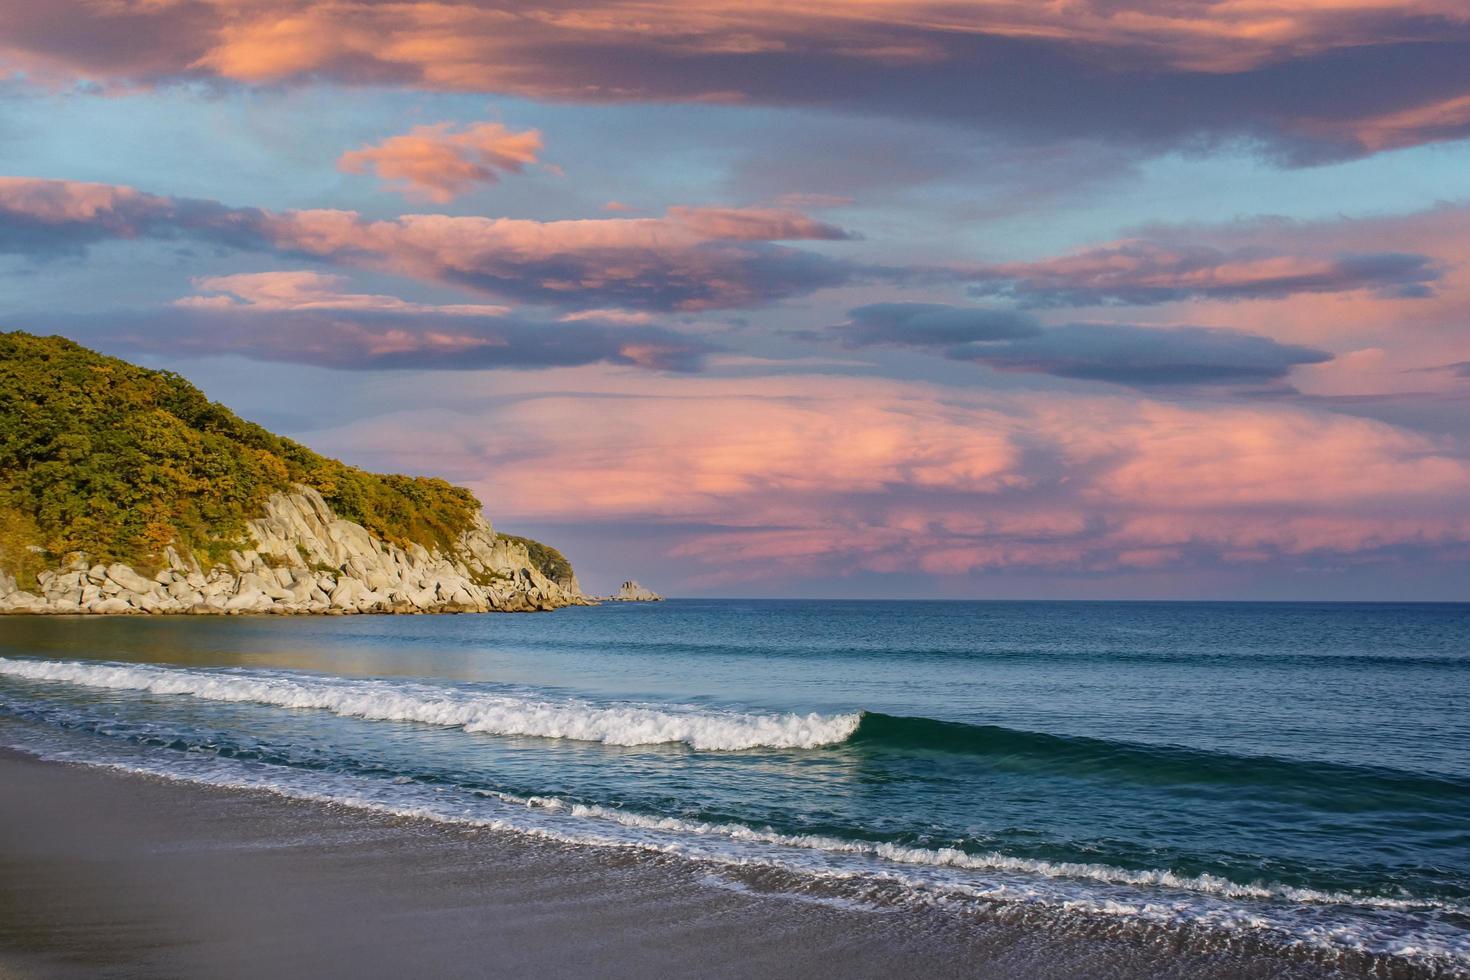 paysage marin avec des montagnes et un ciel nuageux coloré photo